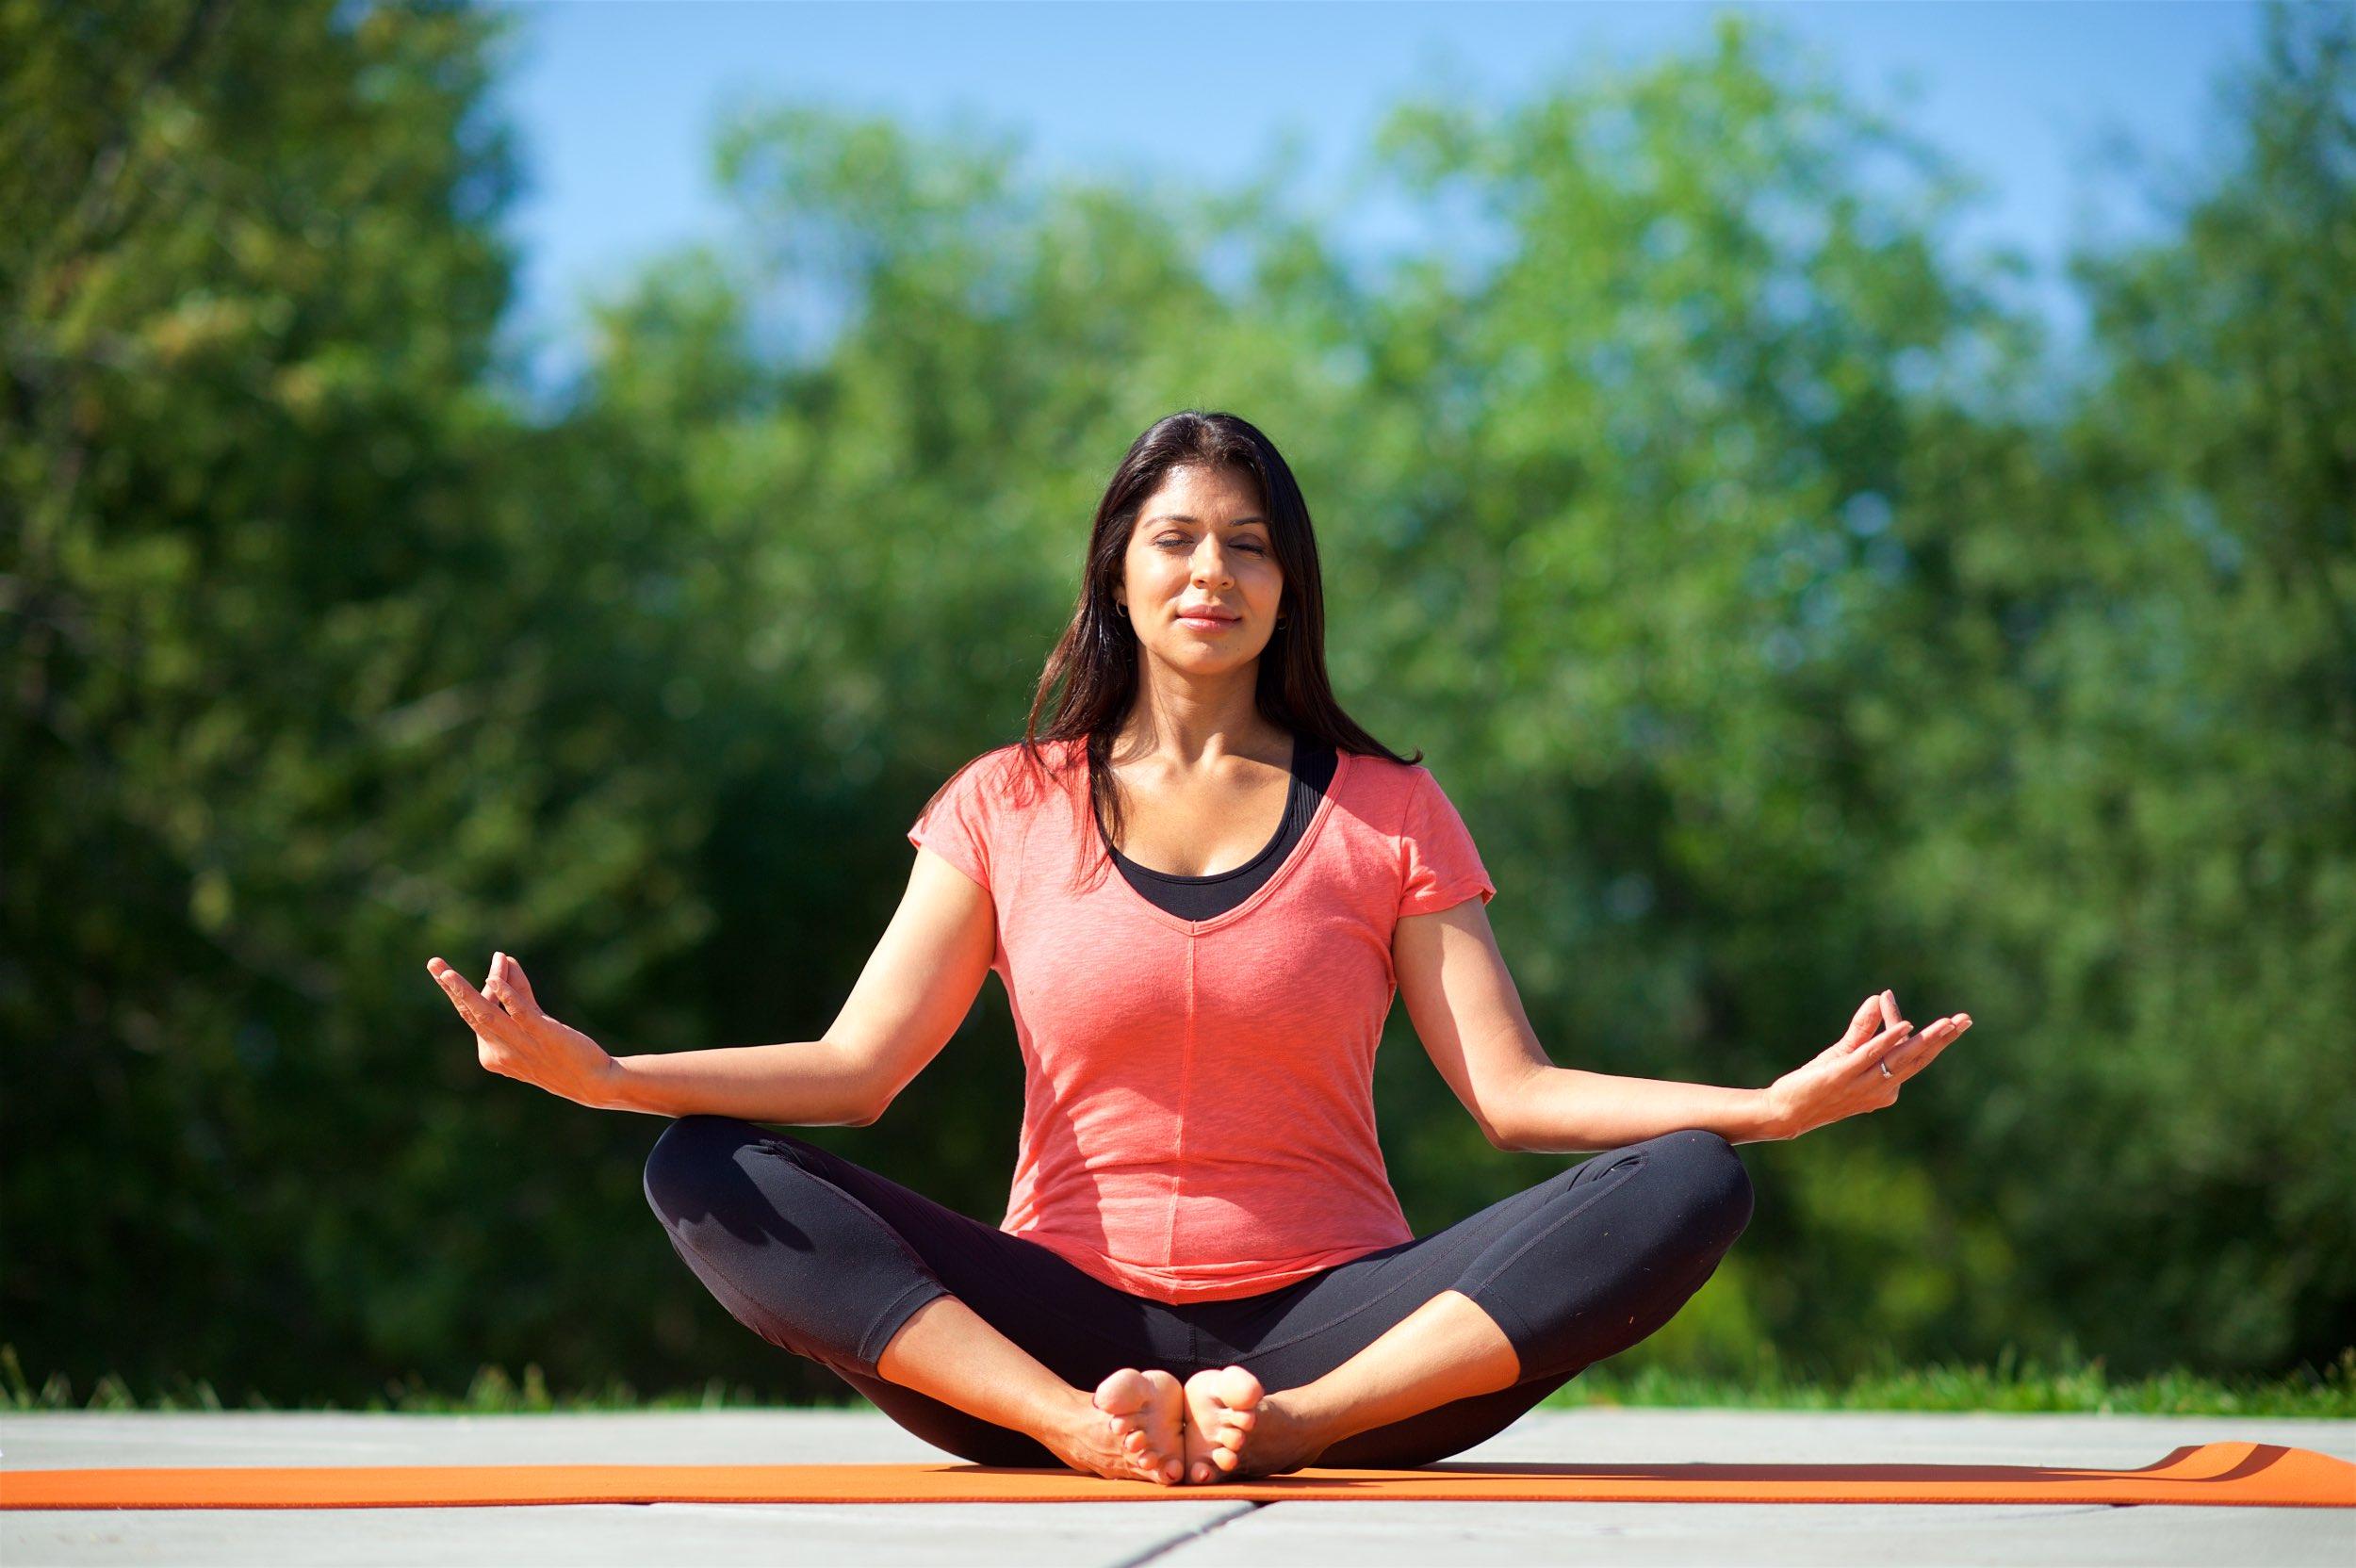 fitness-yoga-05.jpg